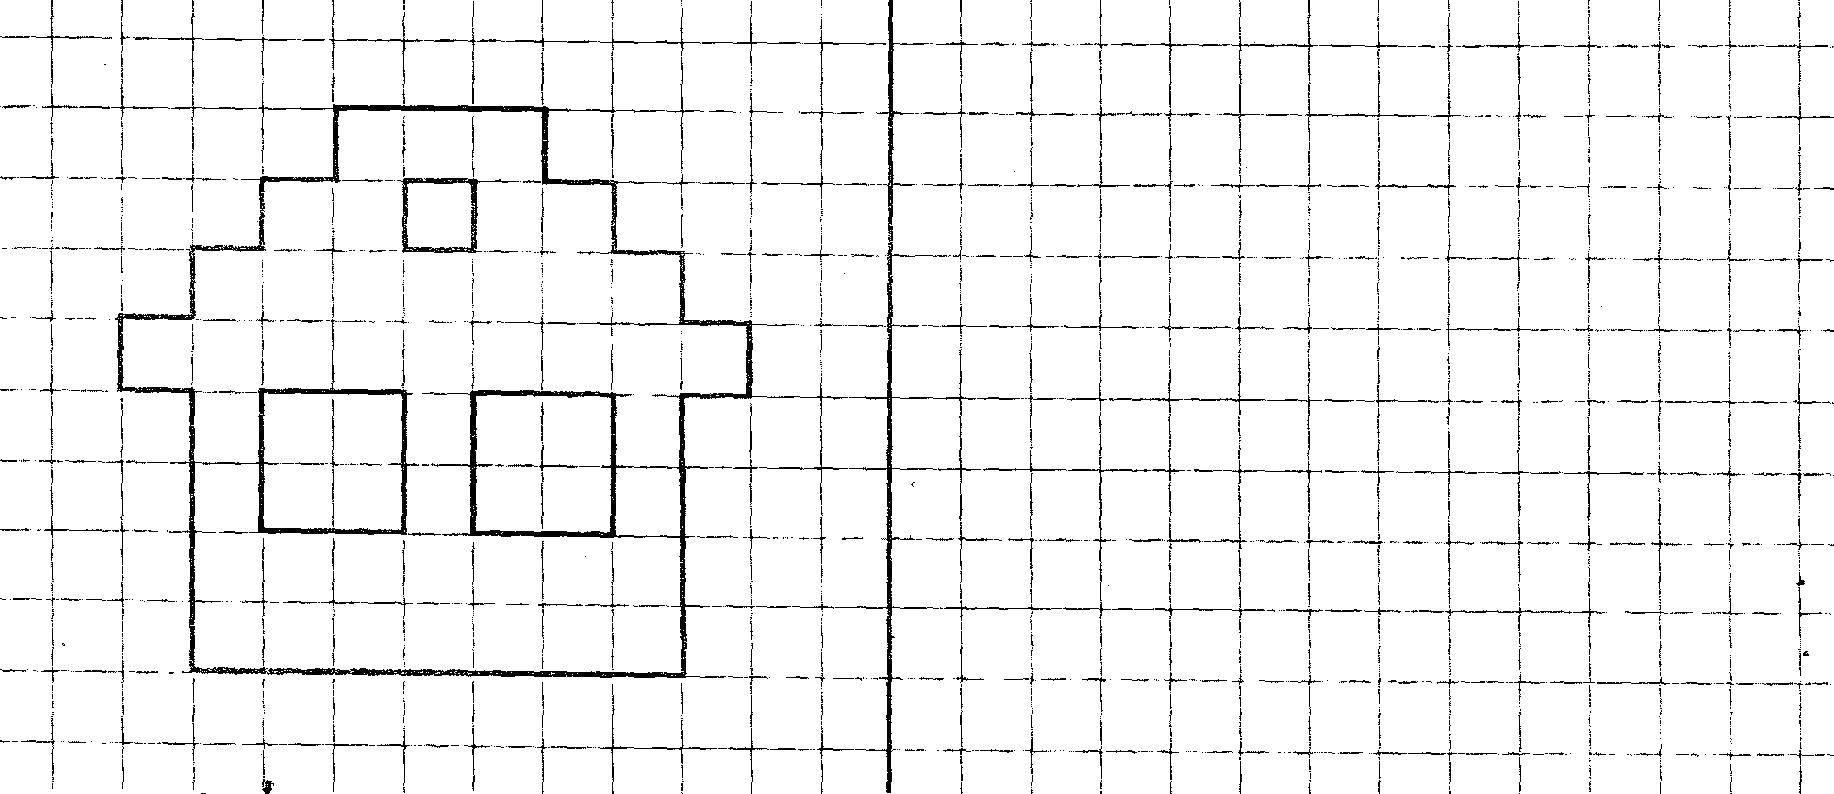 Раскраска Скопируй рисунок по клеточкам Скачать ,Образец, обвести по контуру, клеточки,.  Распечатать